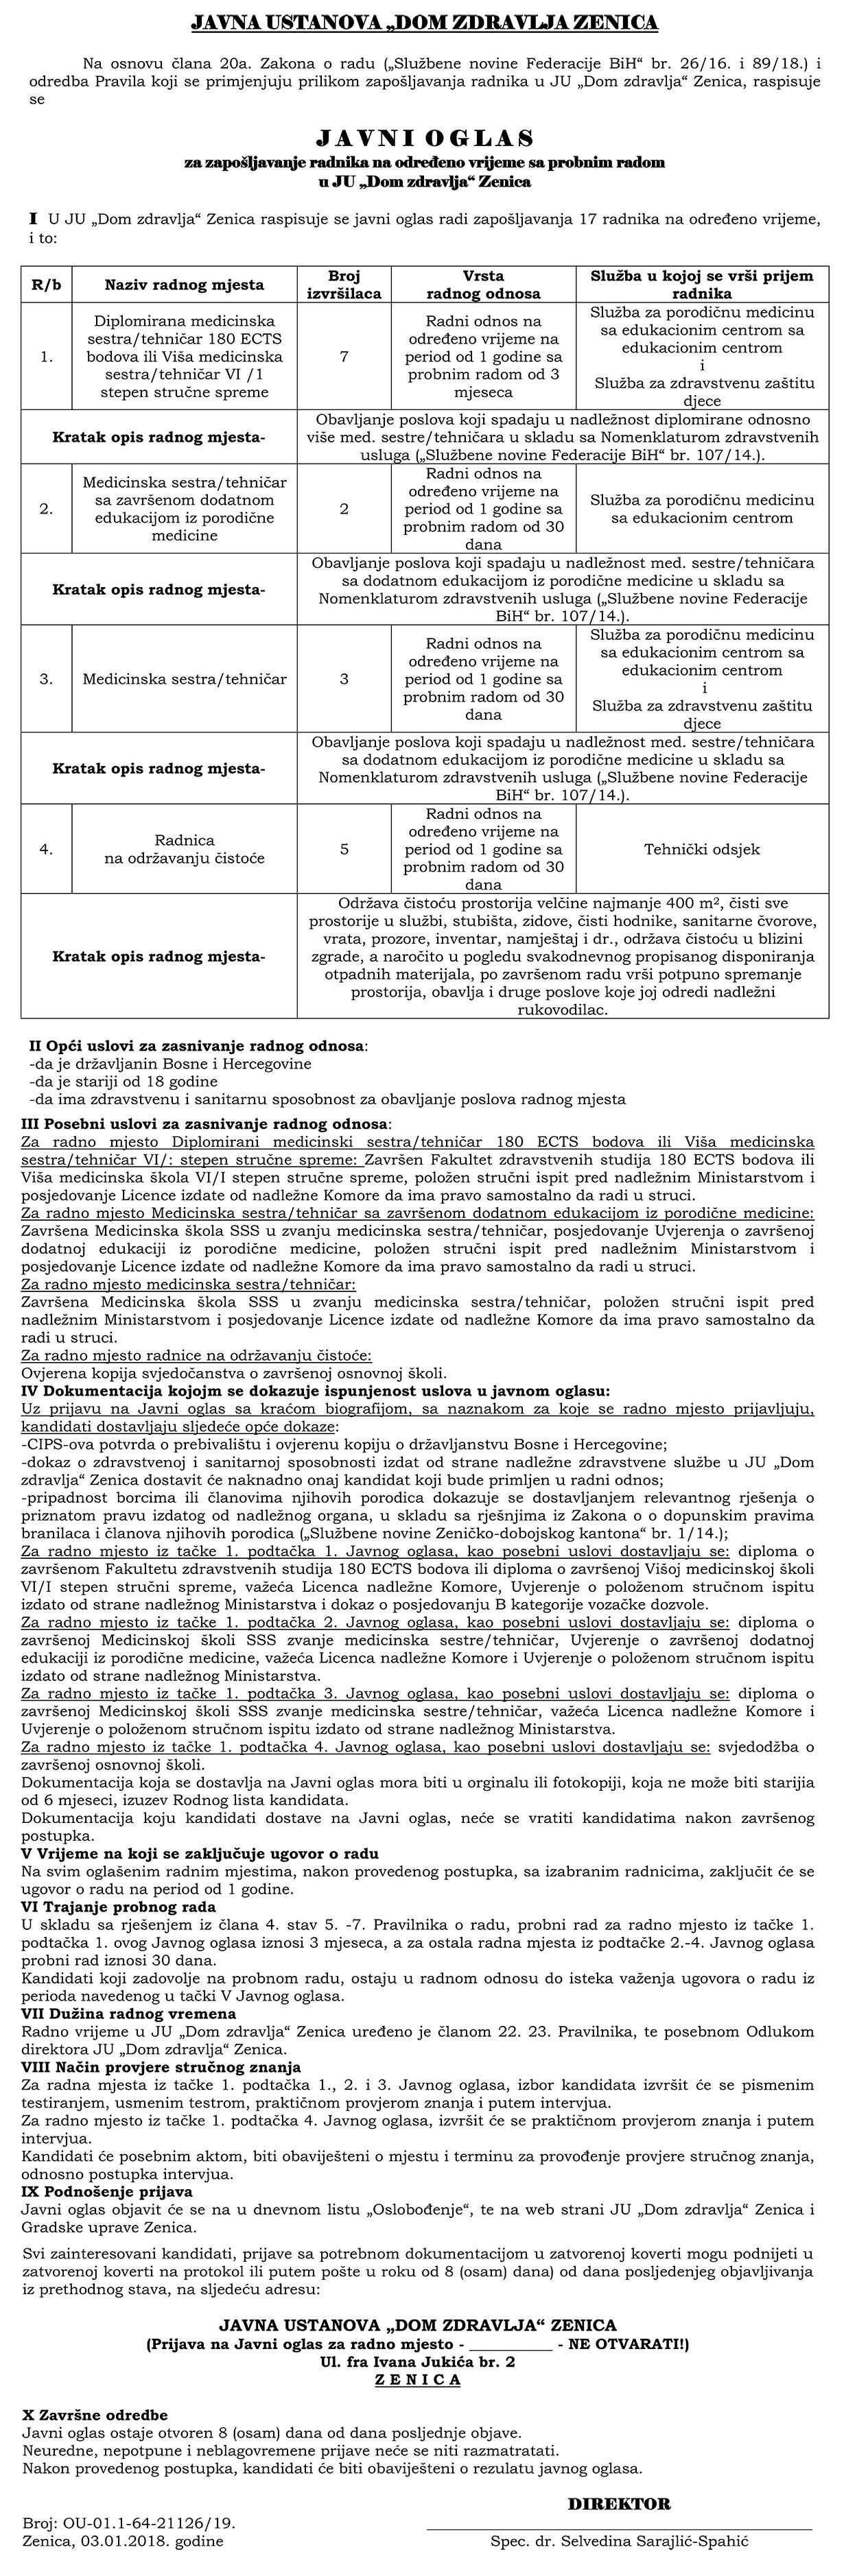 Diplomirana medicinska sestra/tehničar